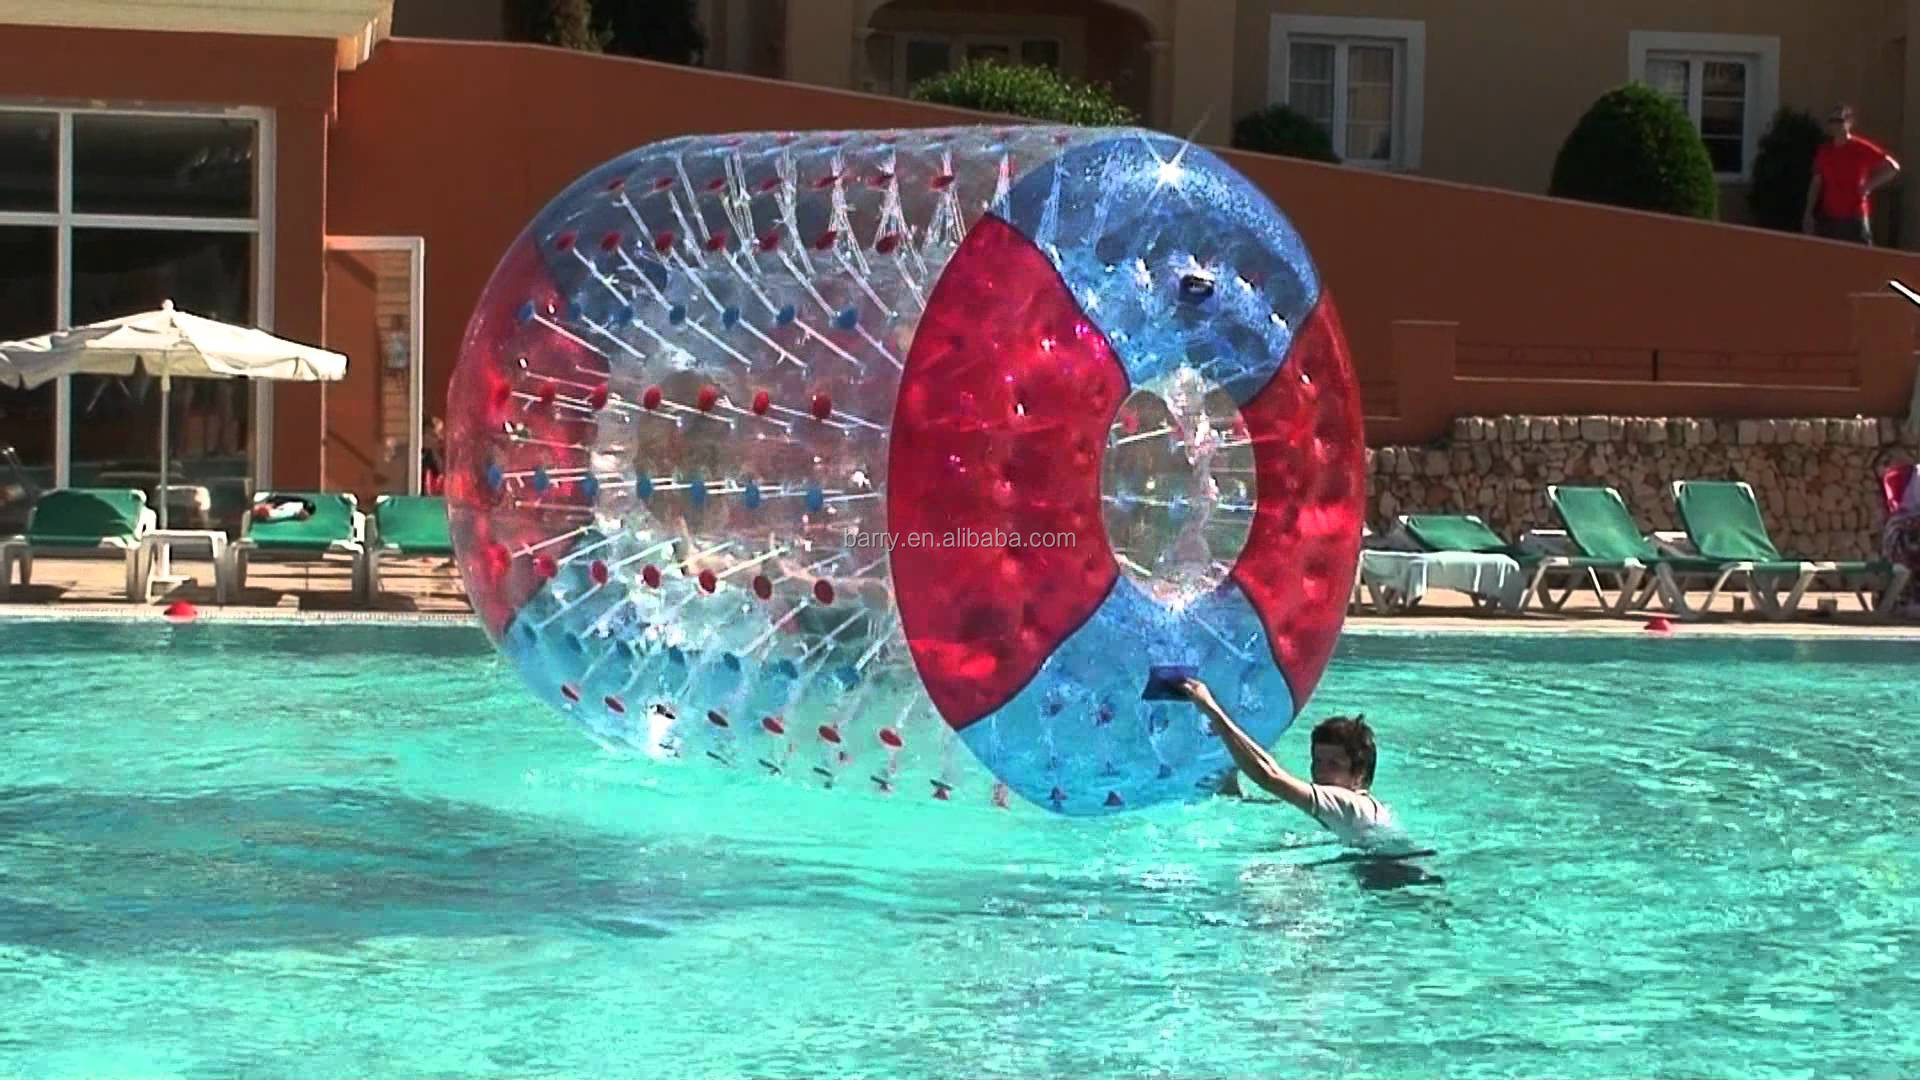 Barry preço de fábrica inflável roller ball aqua, aqua inflável bola rolando, rolo inflável da água para a venda